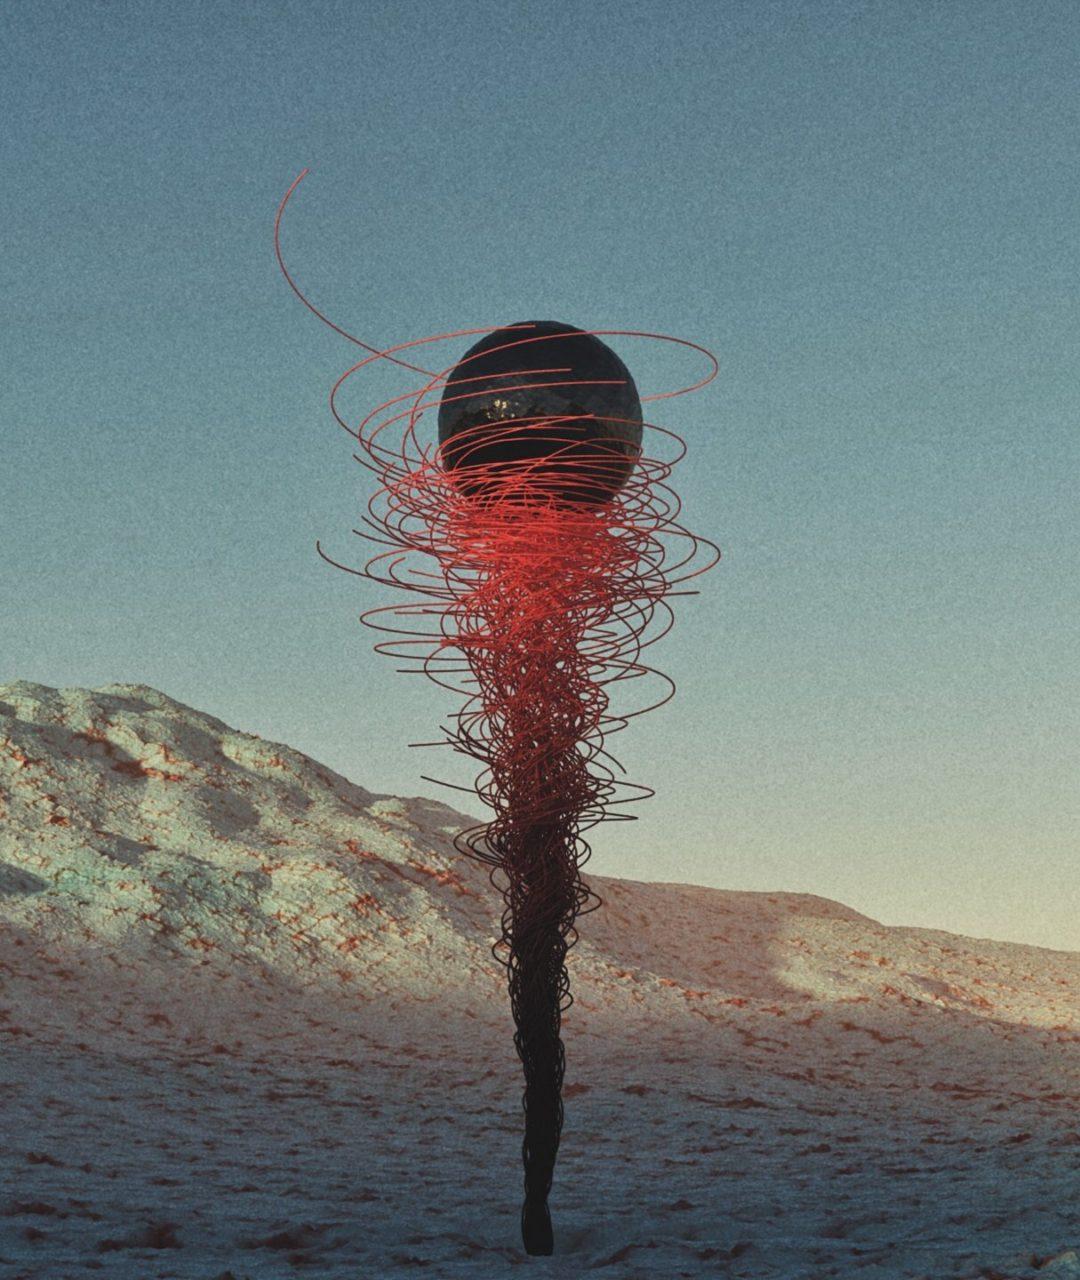 Metallic flower in ice desert